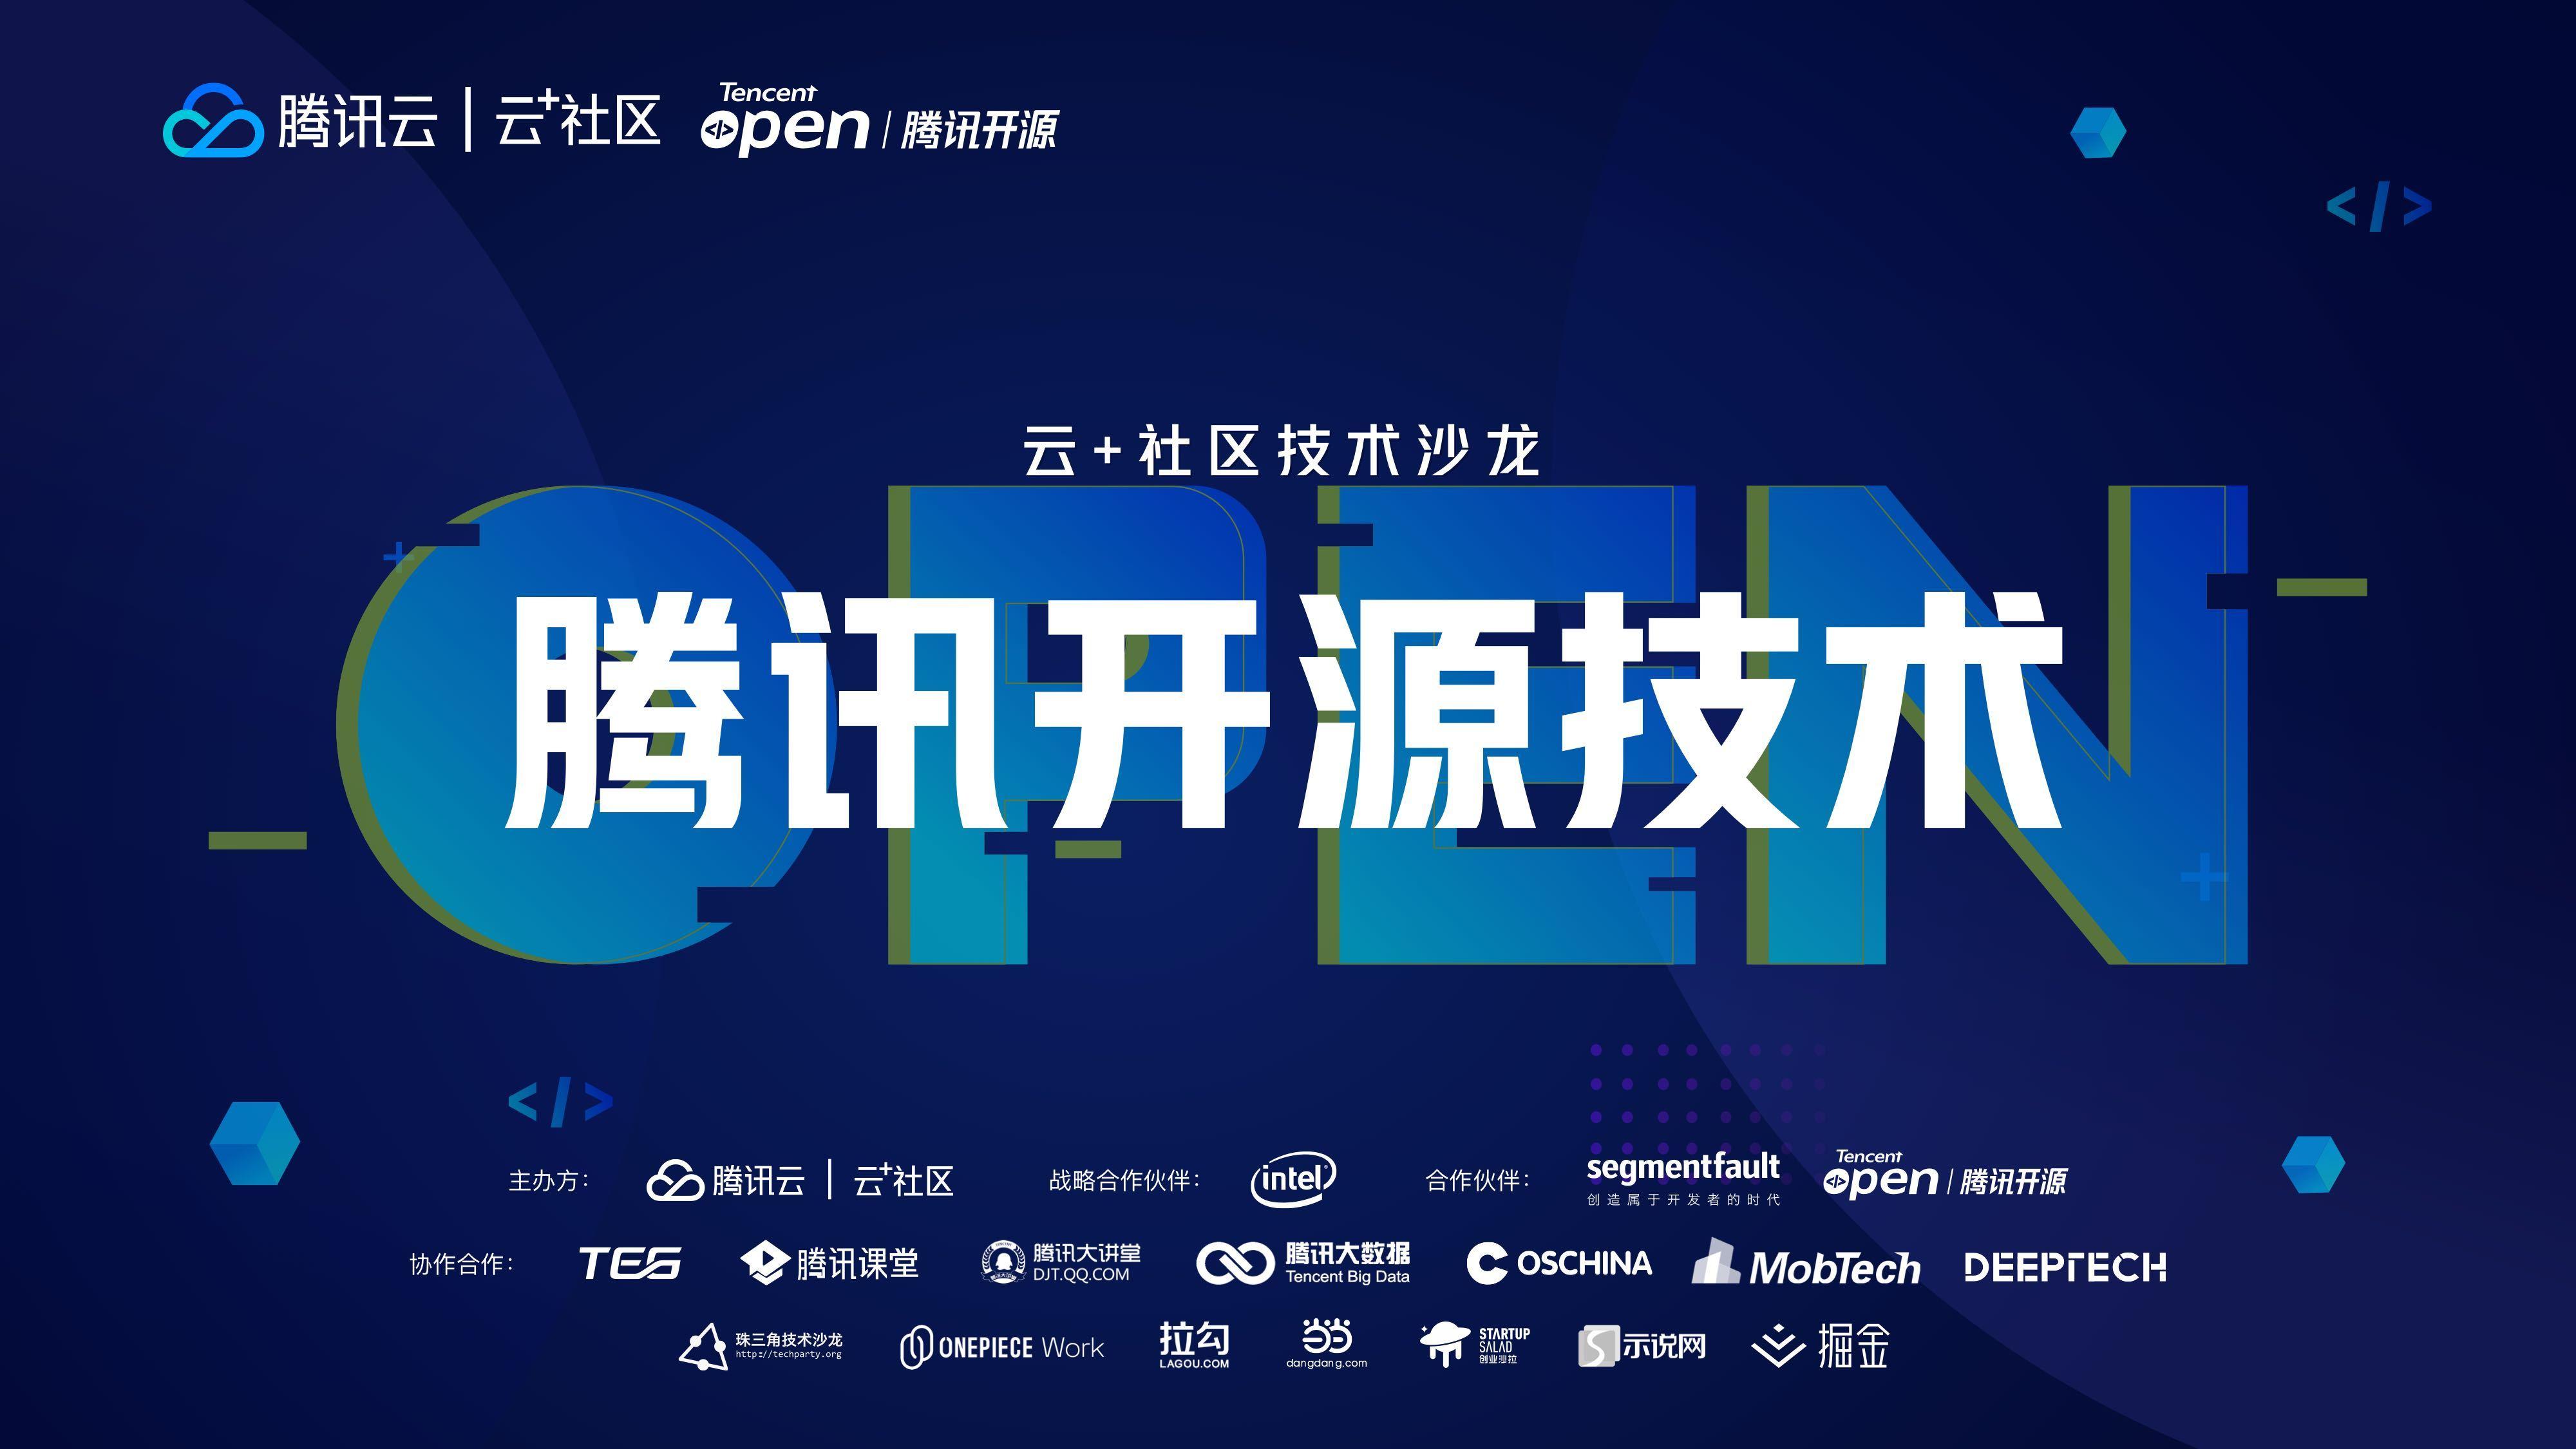 腾讯开源技术2019(深圳)